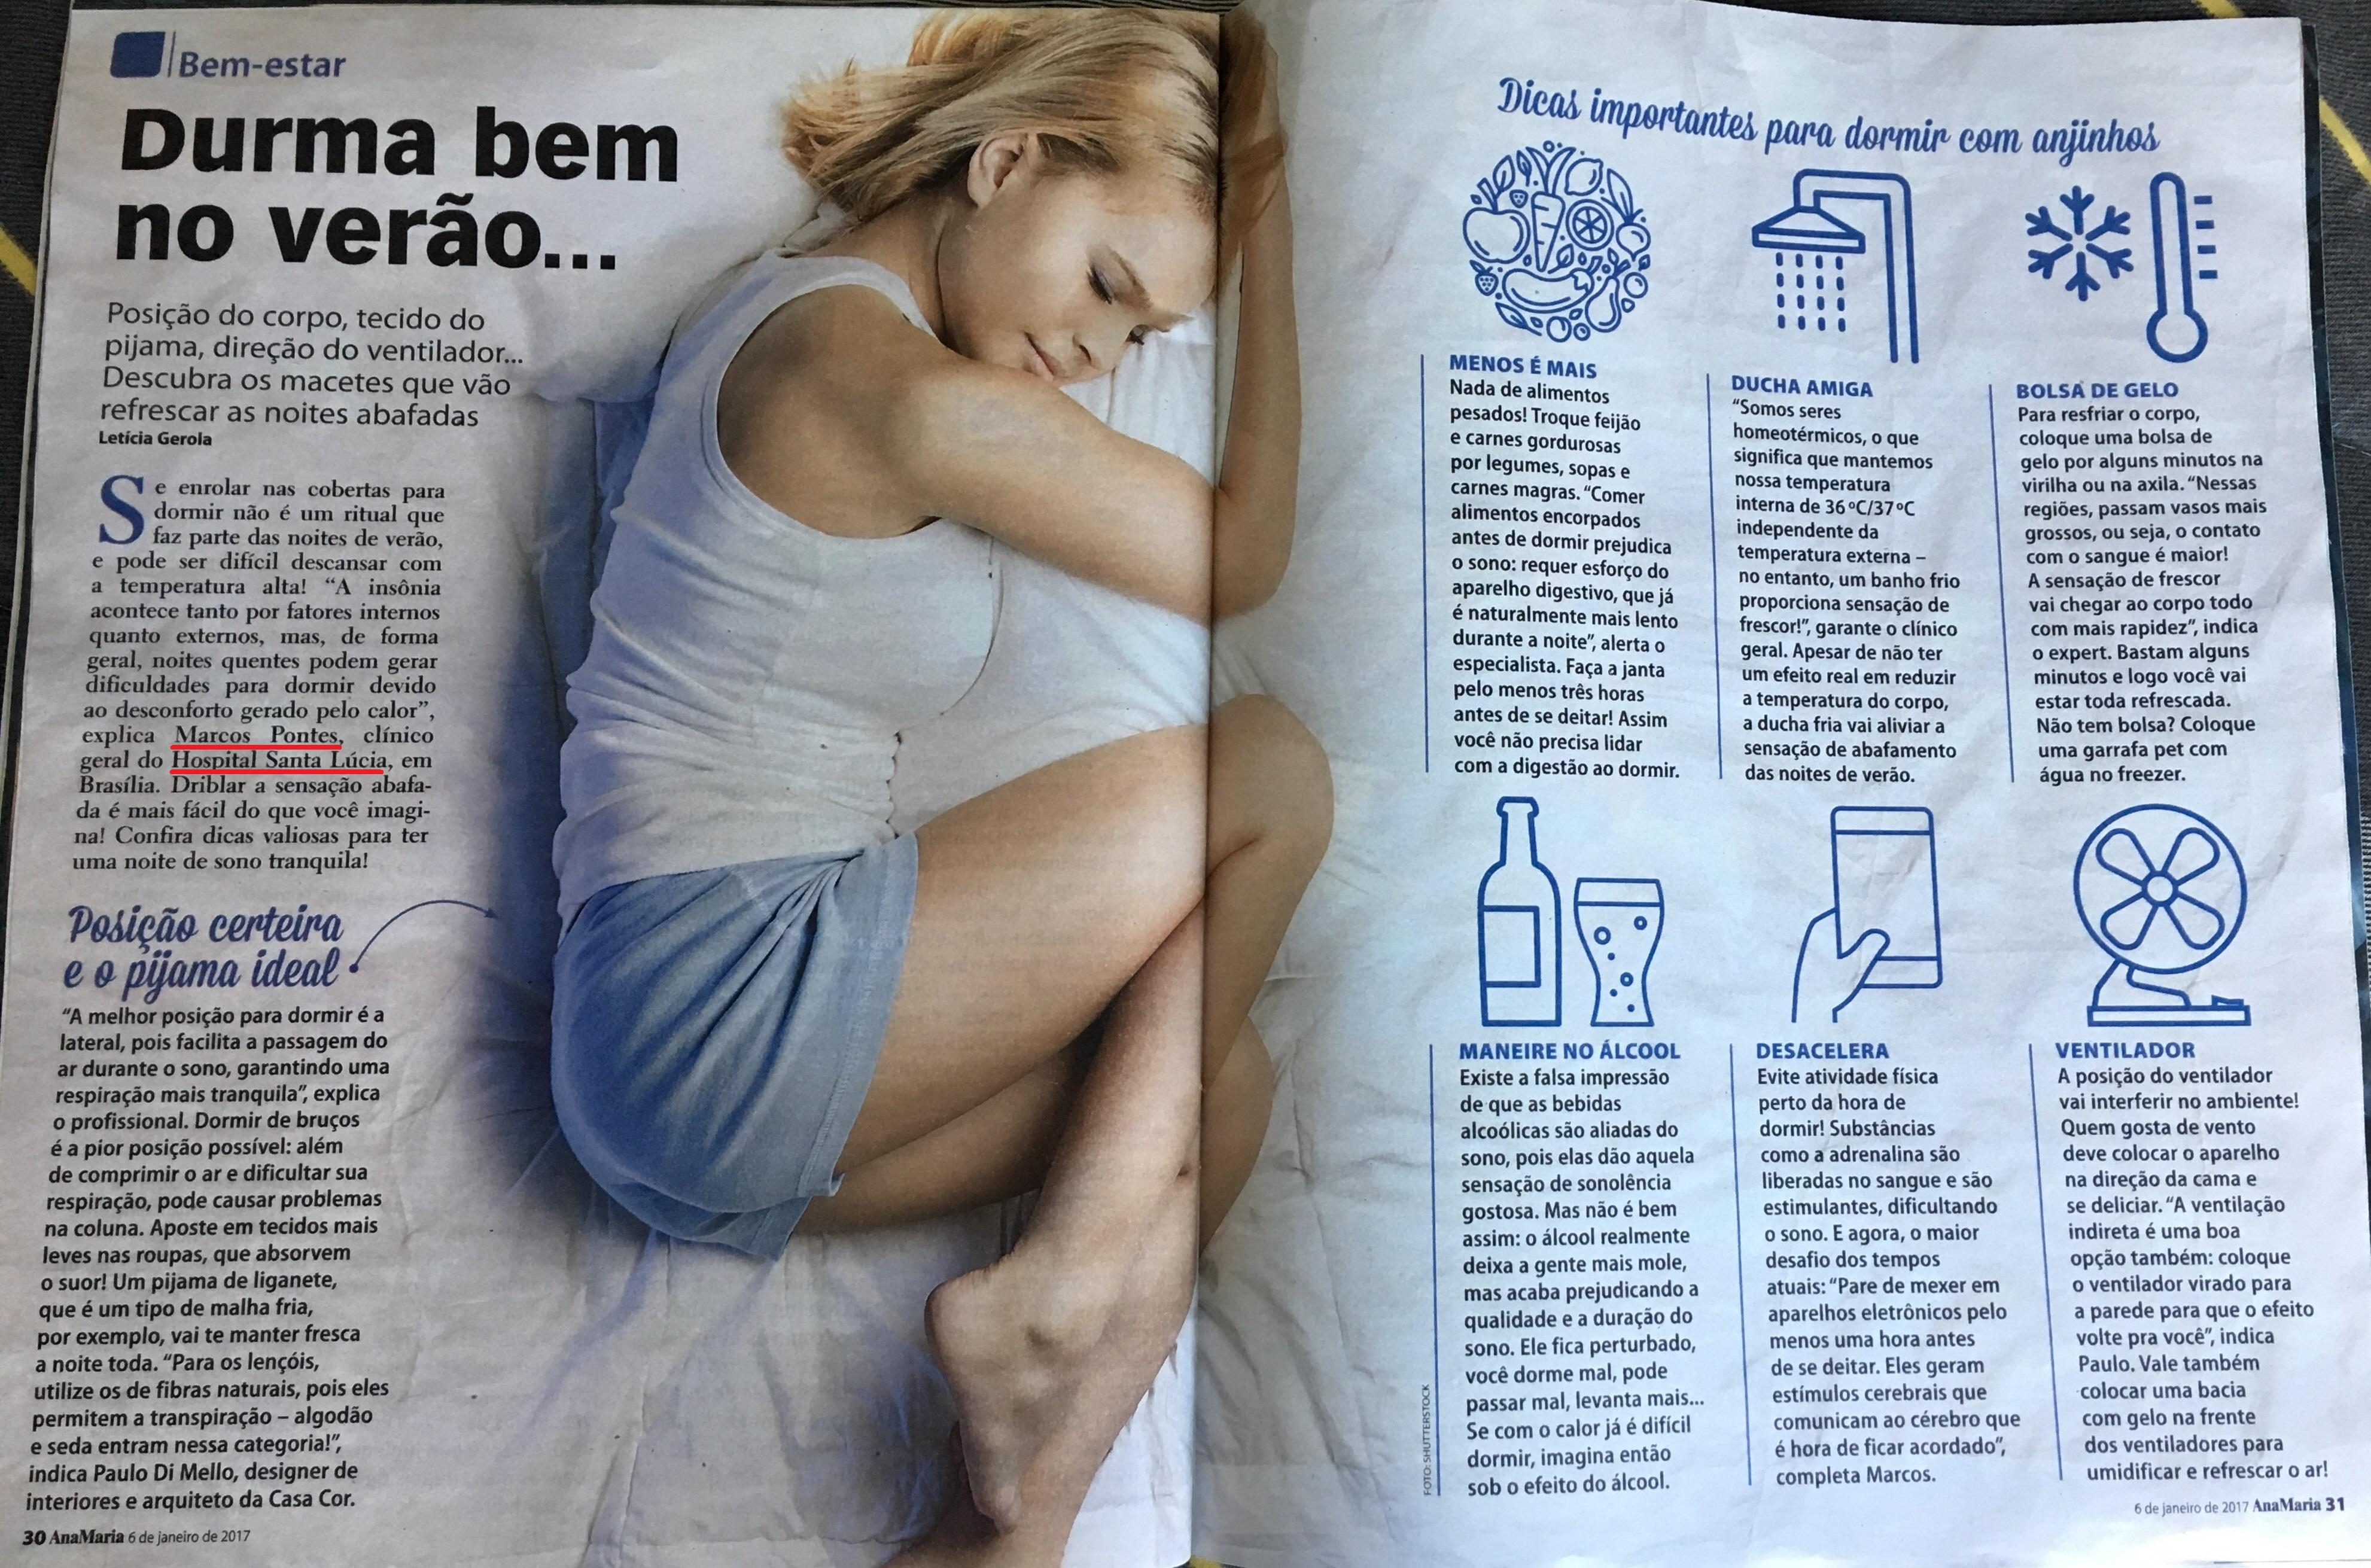 revista-ana-maria-ed-caras-dr-marcos-pontes-hsl-06-01-17-1